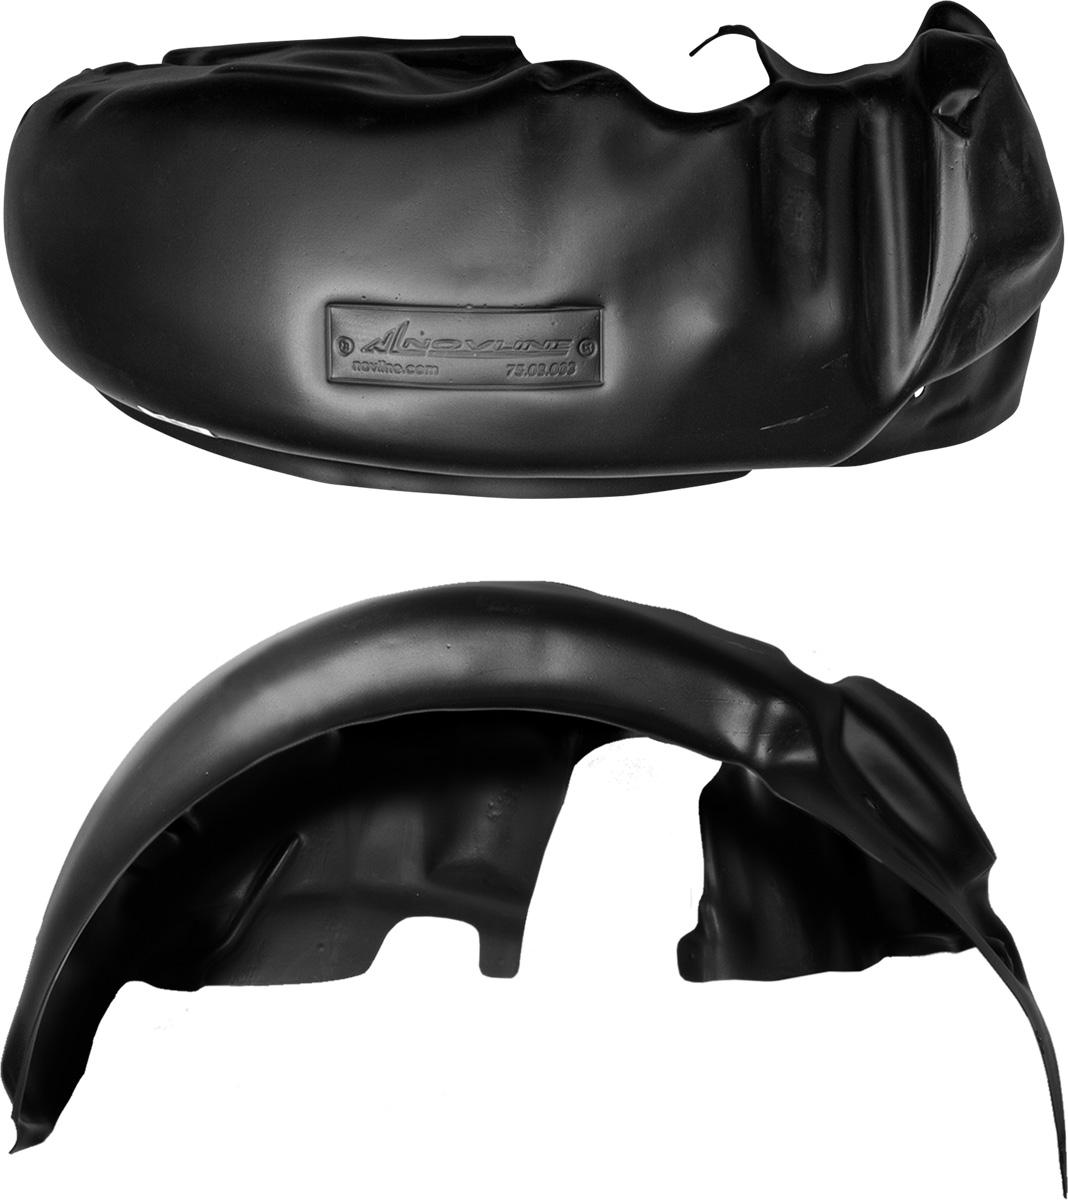 Подкрылок Novline-Autofamily, для Mitsubishi Pajero IV, 2006->, передний правыйK100Колесные ниши - одни из самых уязвимых зон днища вашего автомобиля. Они постоянно подвергаются воздействию со стороны дороги. Лучшая, почти абсолютная защита для них - специально отформованные пластиковые кожухи, которые называются подкрылками. Производятся они как для отечественных моделей автомобилей, так и для иномарок. Подкрылки Novline-Autofamily выполнены из высококачественного, экологически чистого пластика. Обеспечивают надежную защиту кузова автомобиля от пескоструйного эффекта и негативного влияния, агрессивных антигололедных реагентов. Пластик обладает более низкой теплопроводностью, чем металл, поэтому в зимний период эксплуатации использование пластиковых подкрылков позволяет лучше защитить колесные ниши от налипания снега и образования наледи. Оригинальность конструкции подчеркивает элегантность автомобиля, бережно защищает нанесенное на днище кузова антикоррозийное покрытие и позволяет осуществить крепление подкрылков внутри колесной арки практически без дополнительного крепежа и сверления, не нарушая при этом лакокрасочного покрытия, что предотвращает возникновение новых очагов коррозии. Подкрылки долговечны, обладают высокой прочностью и сохраняют заданную форму, а также все свои физико-механические характеристики в самых тяжелых климатических условиях (от -50°С до +50°С).Уважаемые клиенты!Обращаем ваше внимание, на тот факт, что подкрылок имеет форму, соответствующую модели данного автомобиля. Фото служит для визуального восприятия товара.